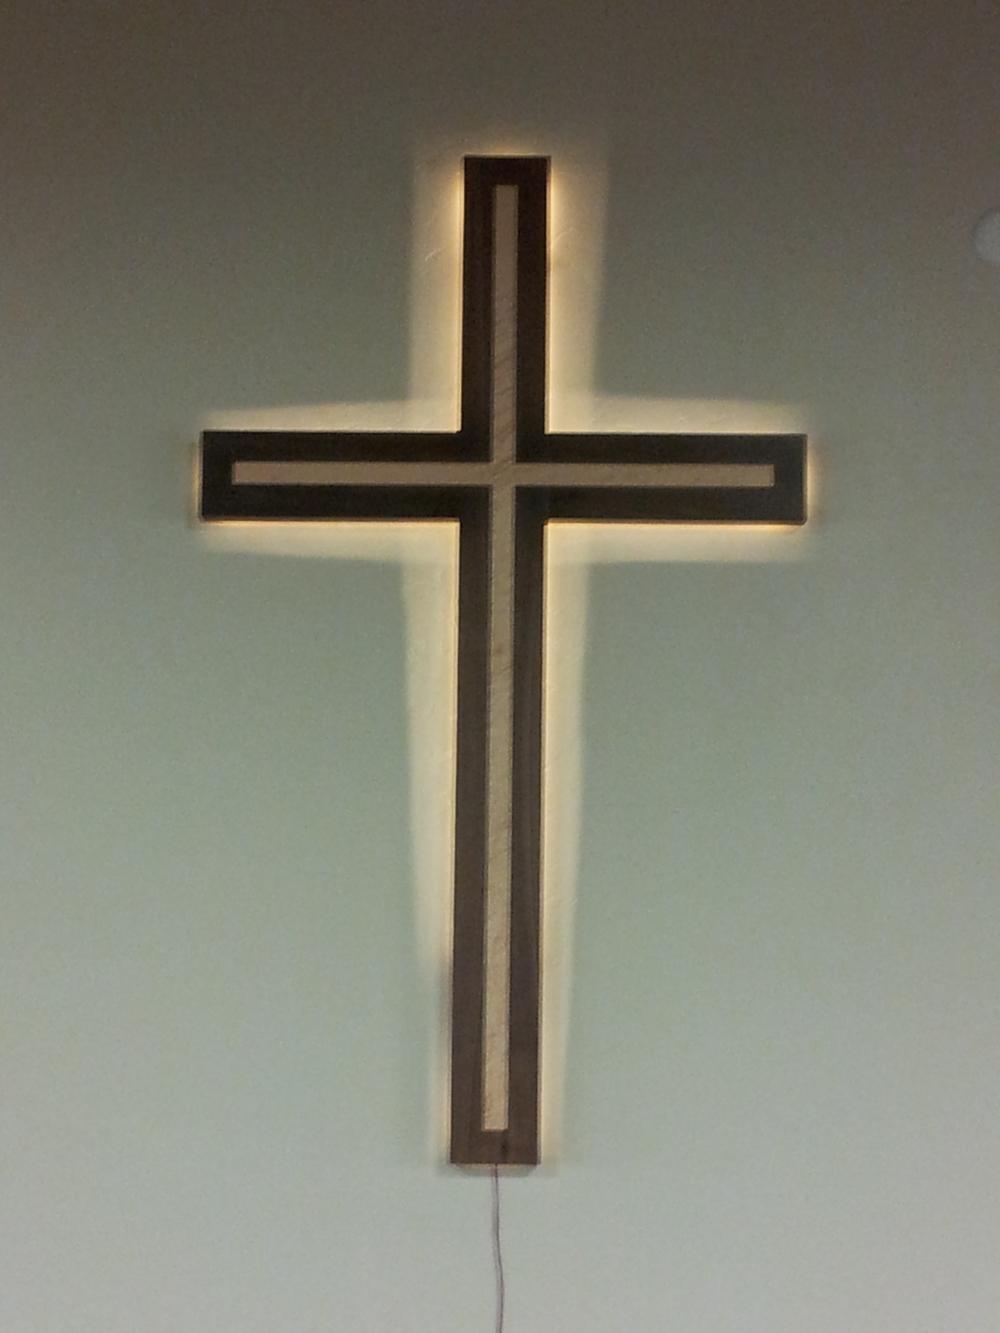 Alexander Augustine Cross Net Worth